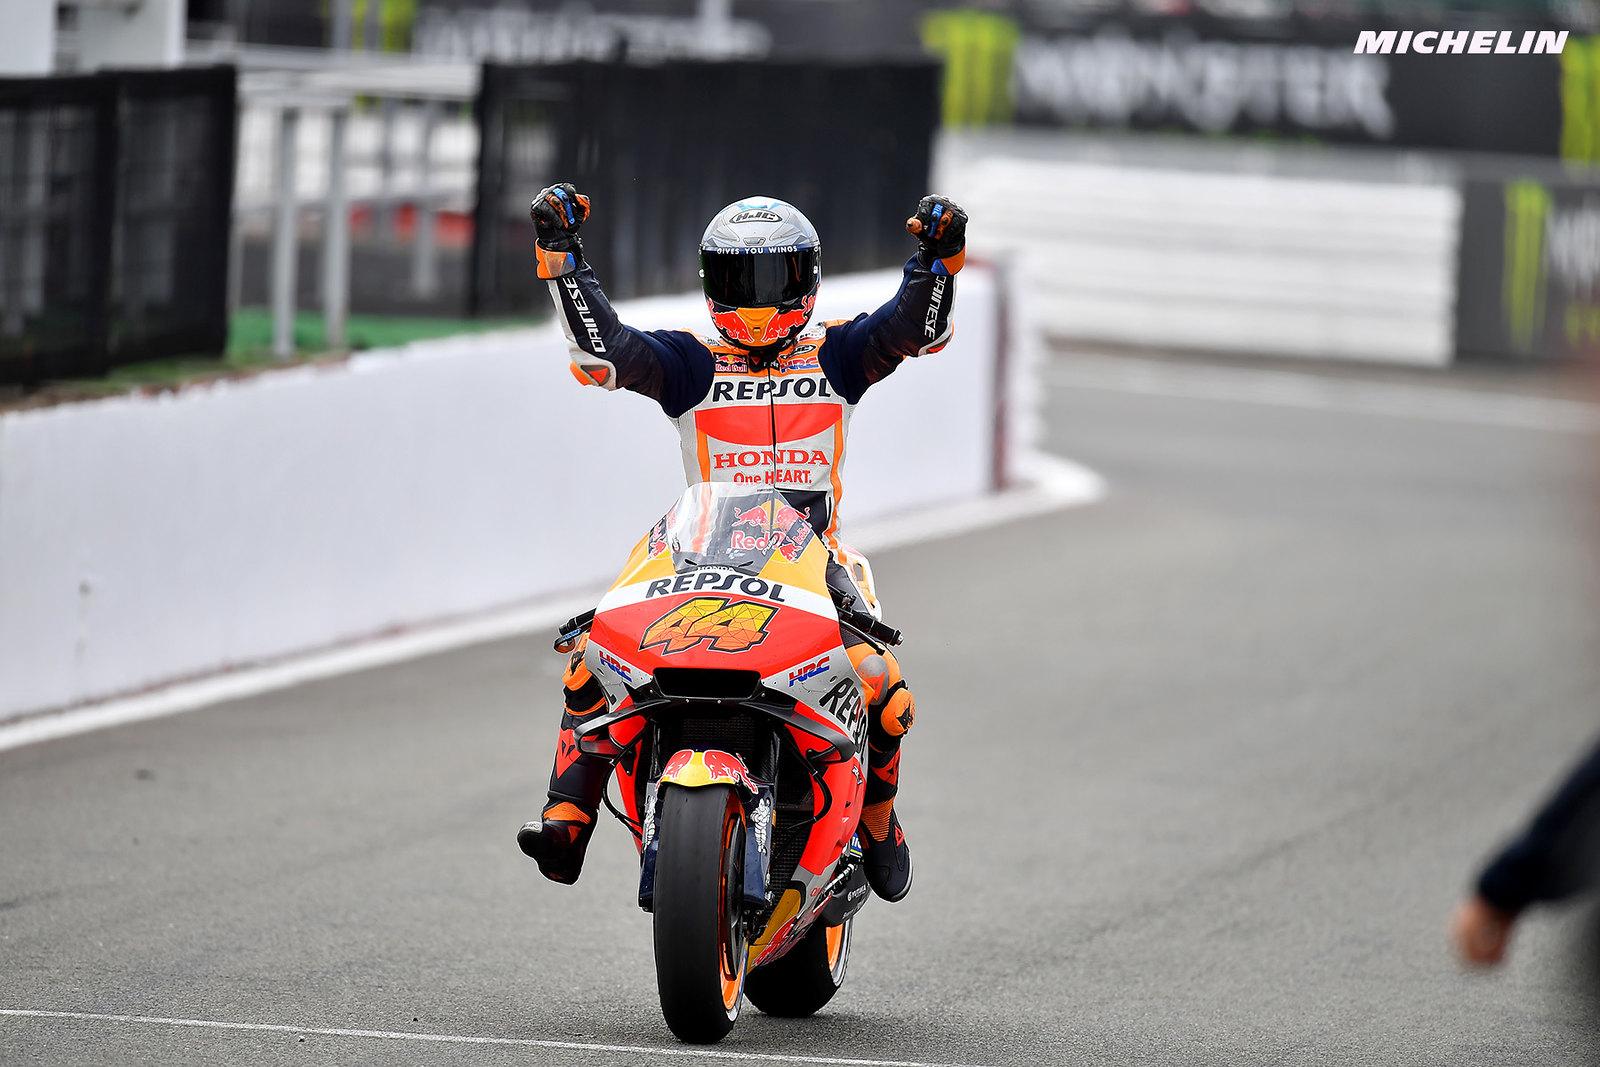 MotoGP2021イギリスGP 予選1位ポル・エスパルガロ「ライディングを楽しみことが出来ている」